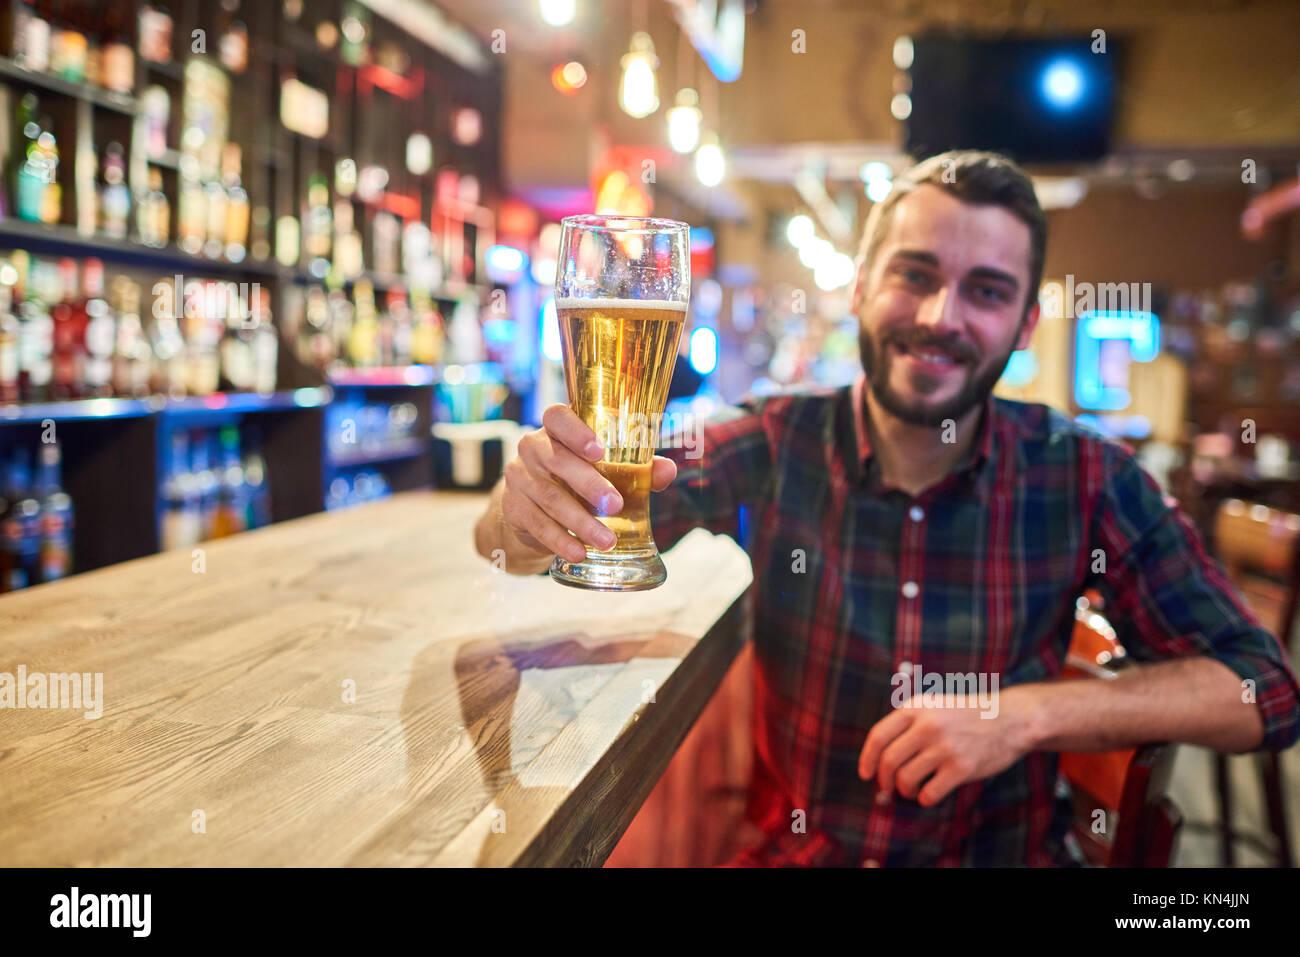 Feliz Joven vitoreando en mostrador de bar Imagen De Stock